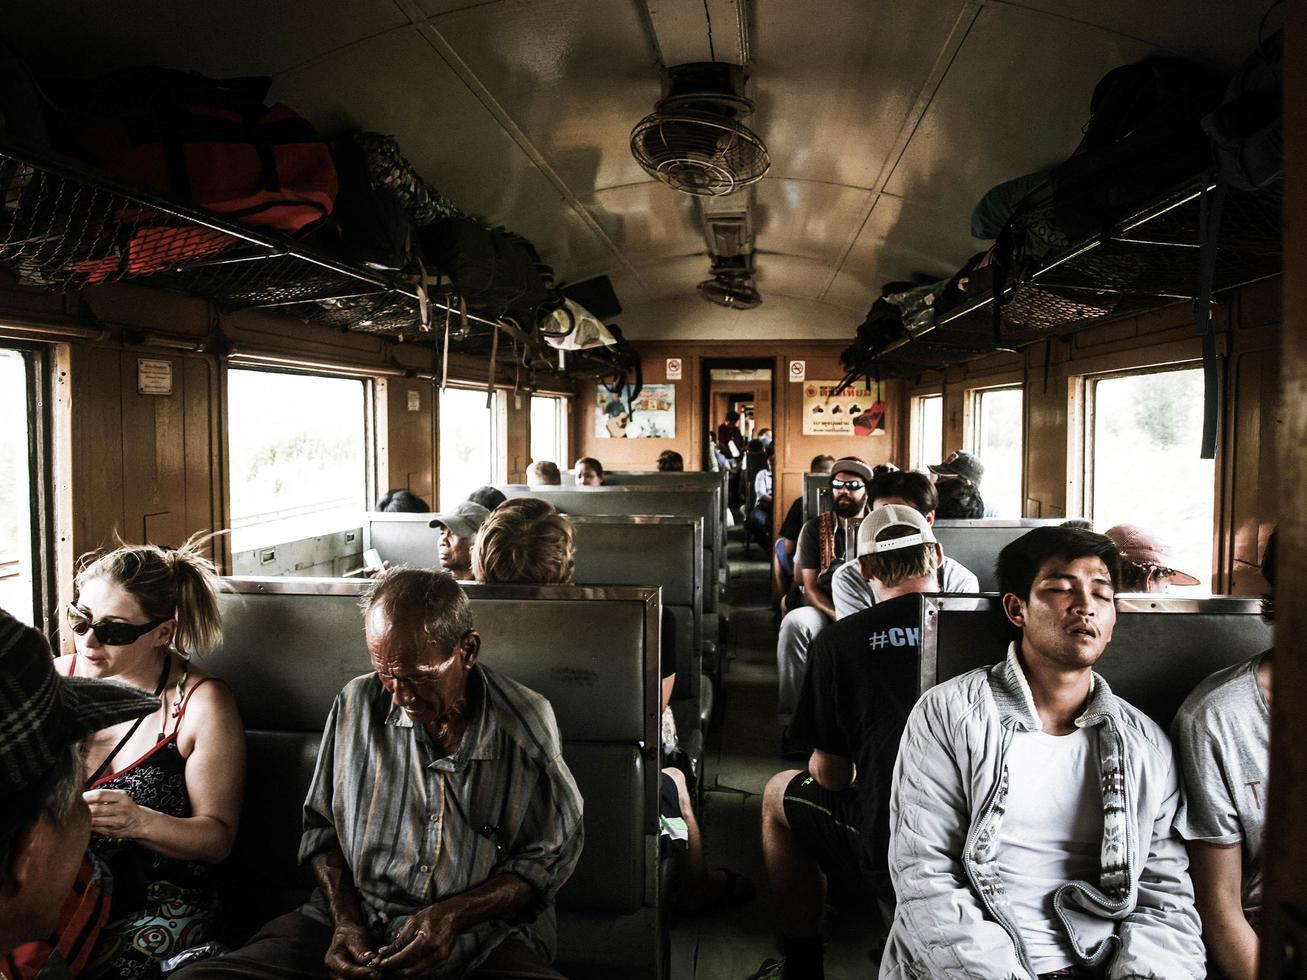 Leute sitzen im Zug foto